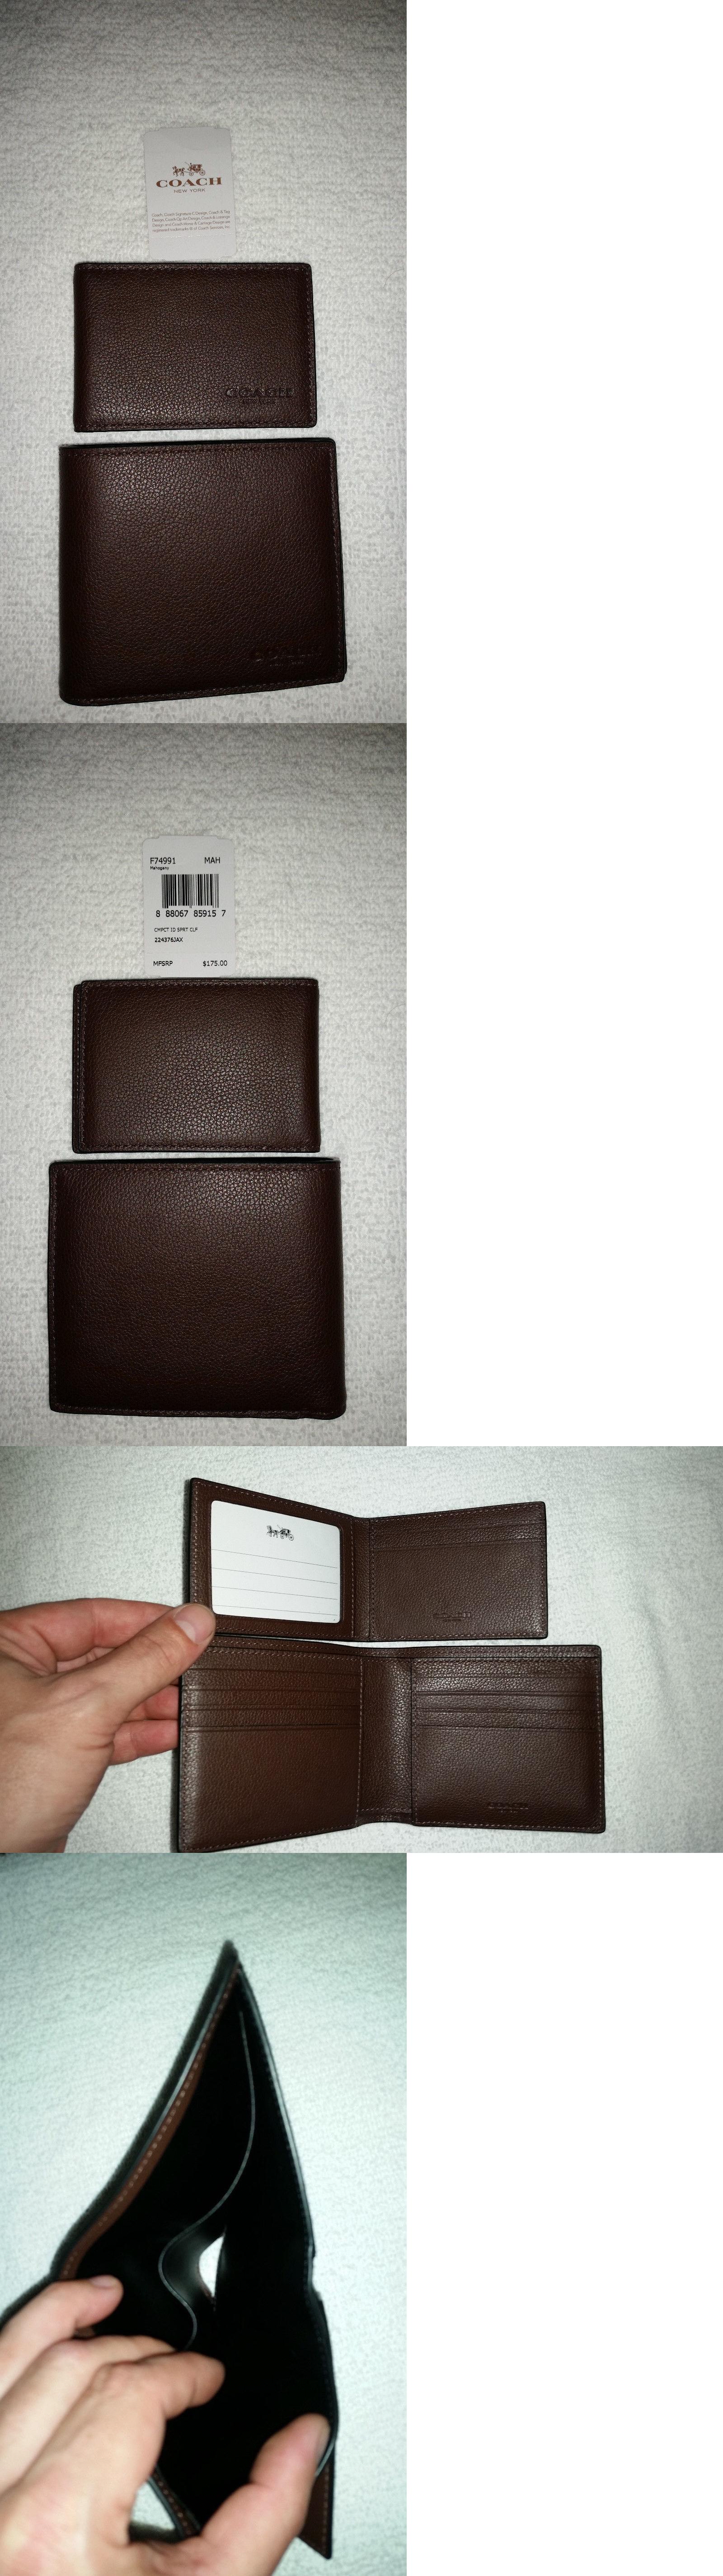 2e8d62b8e251 Wallets 2996  Nwt Coach Men S Compact Id Sport Calf Leather Wallet Atlantic F74991  Mahogany